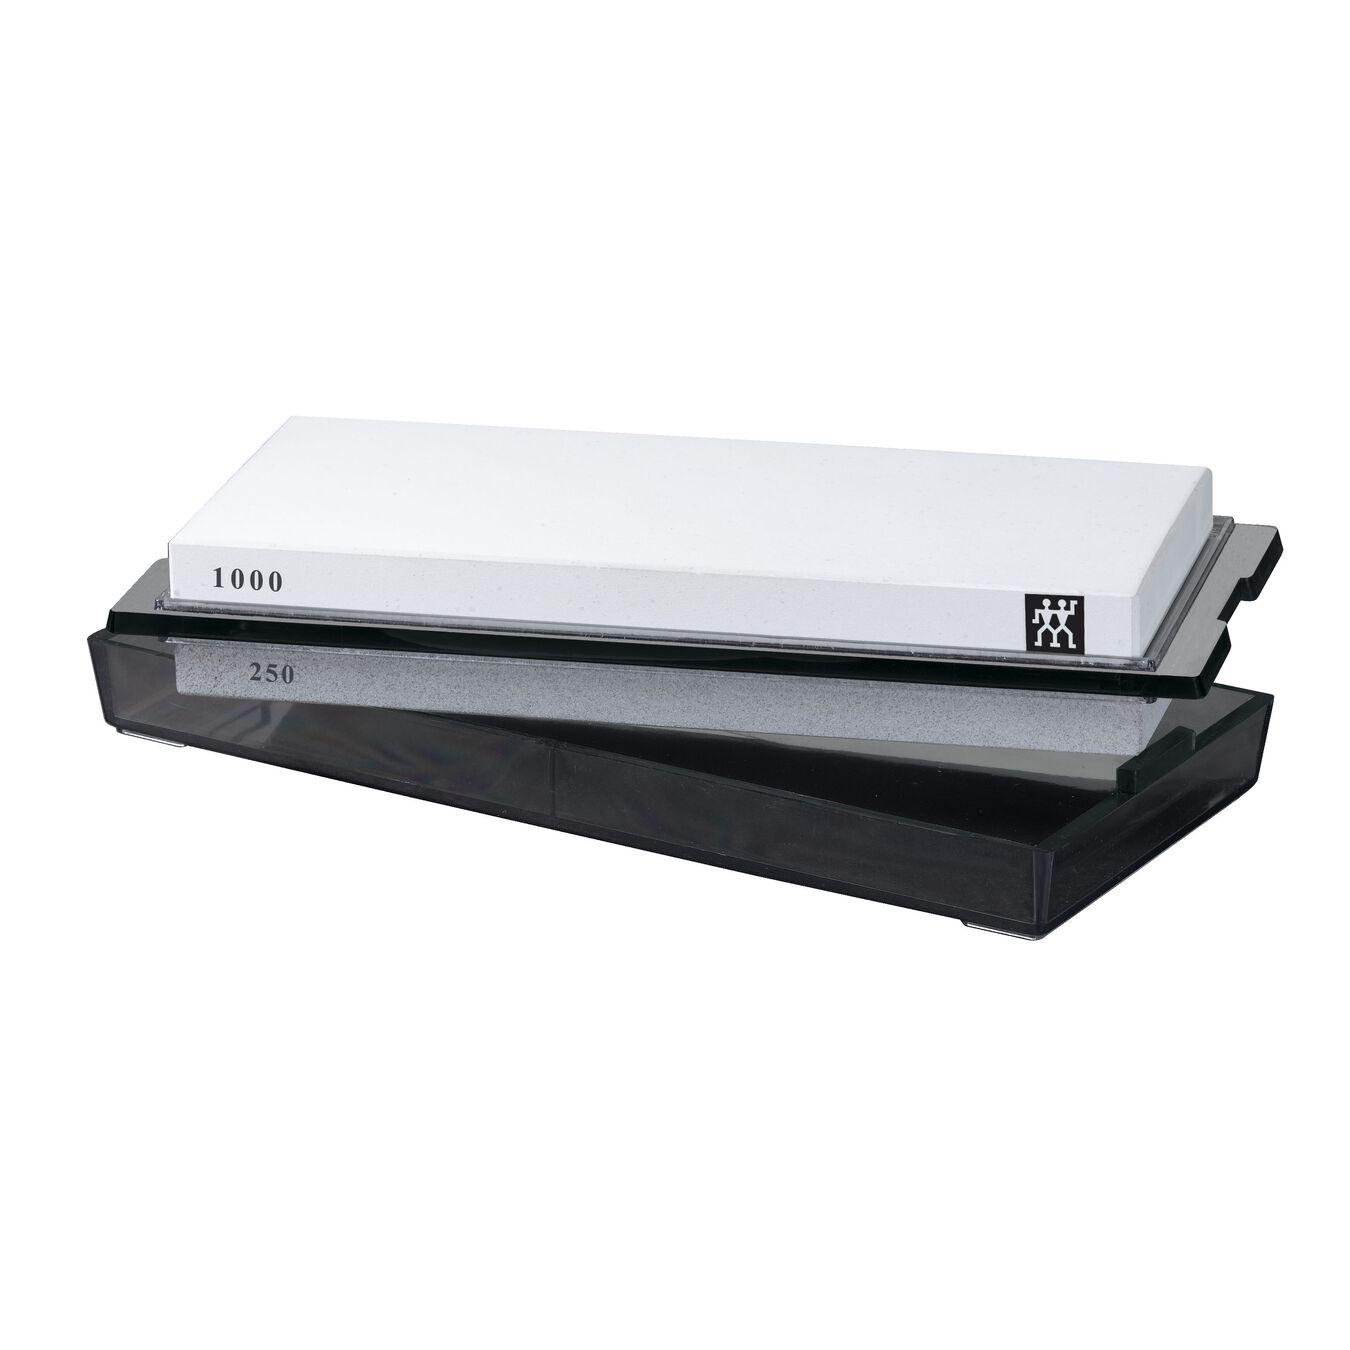 Pietra per affilare - 20 cm, ossido di alluminio, Colore bianco puro,,large 1